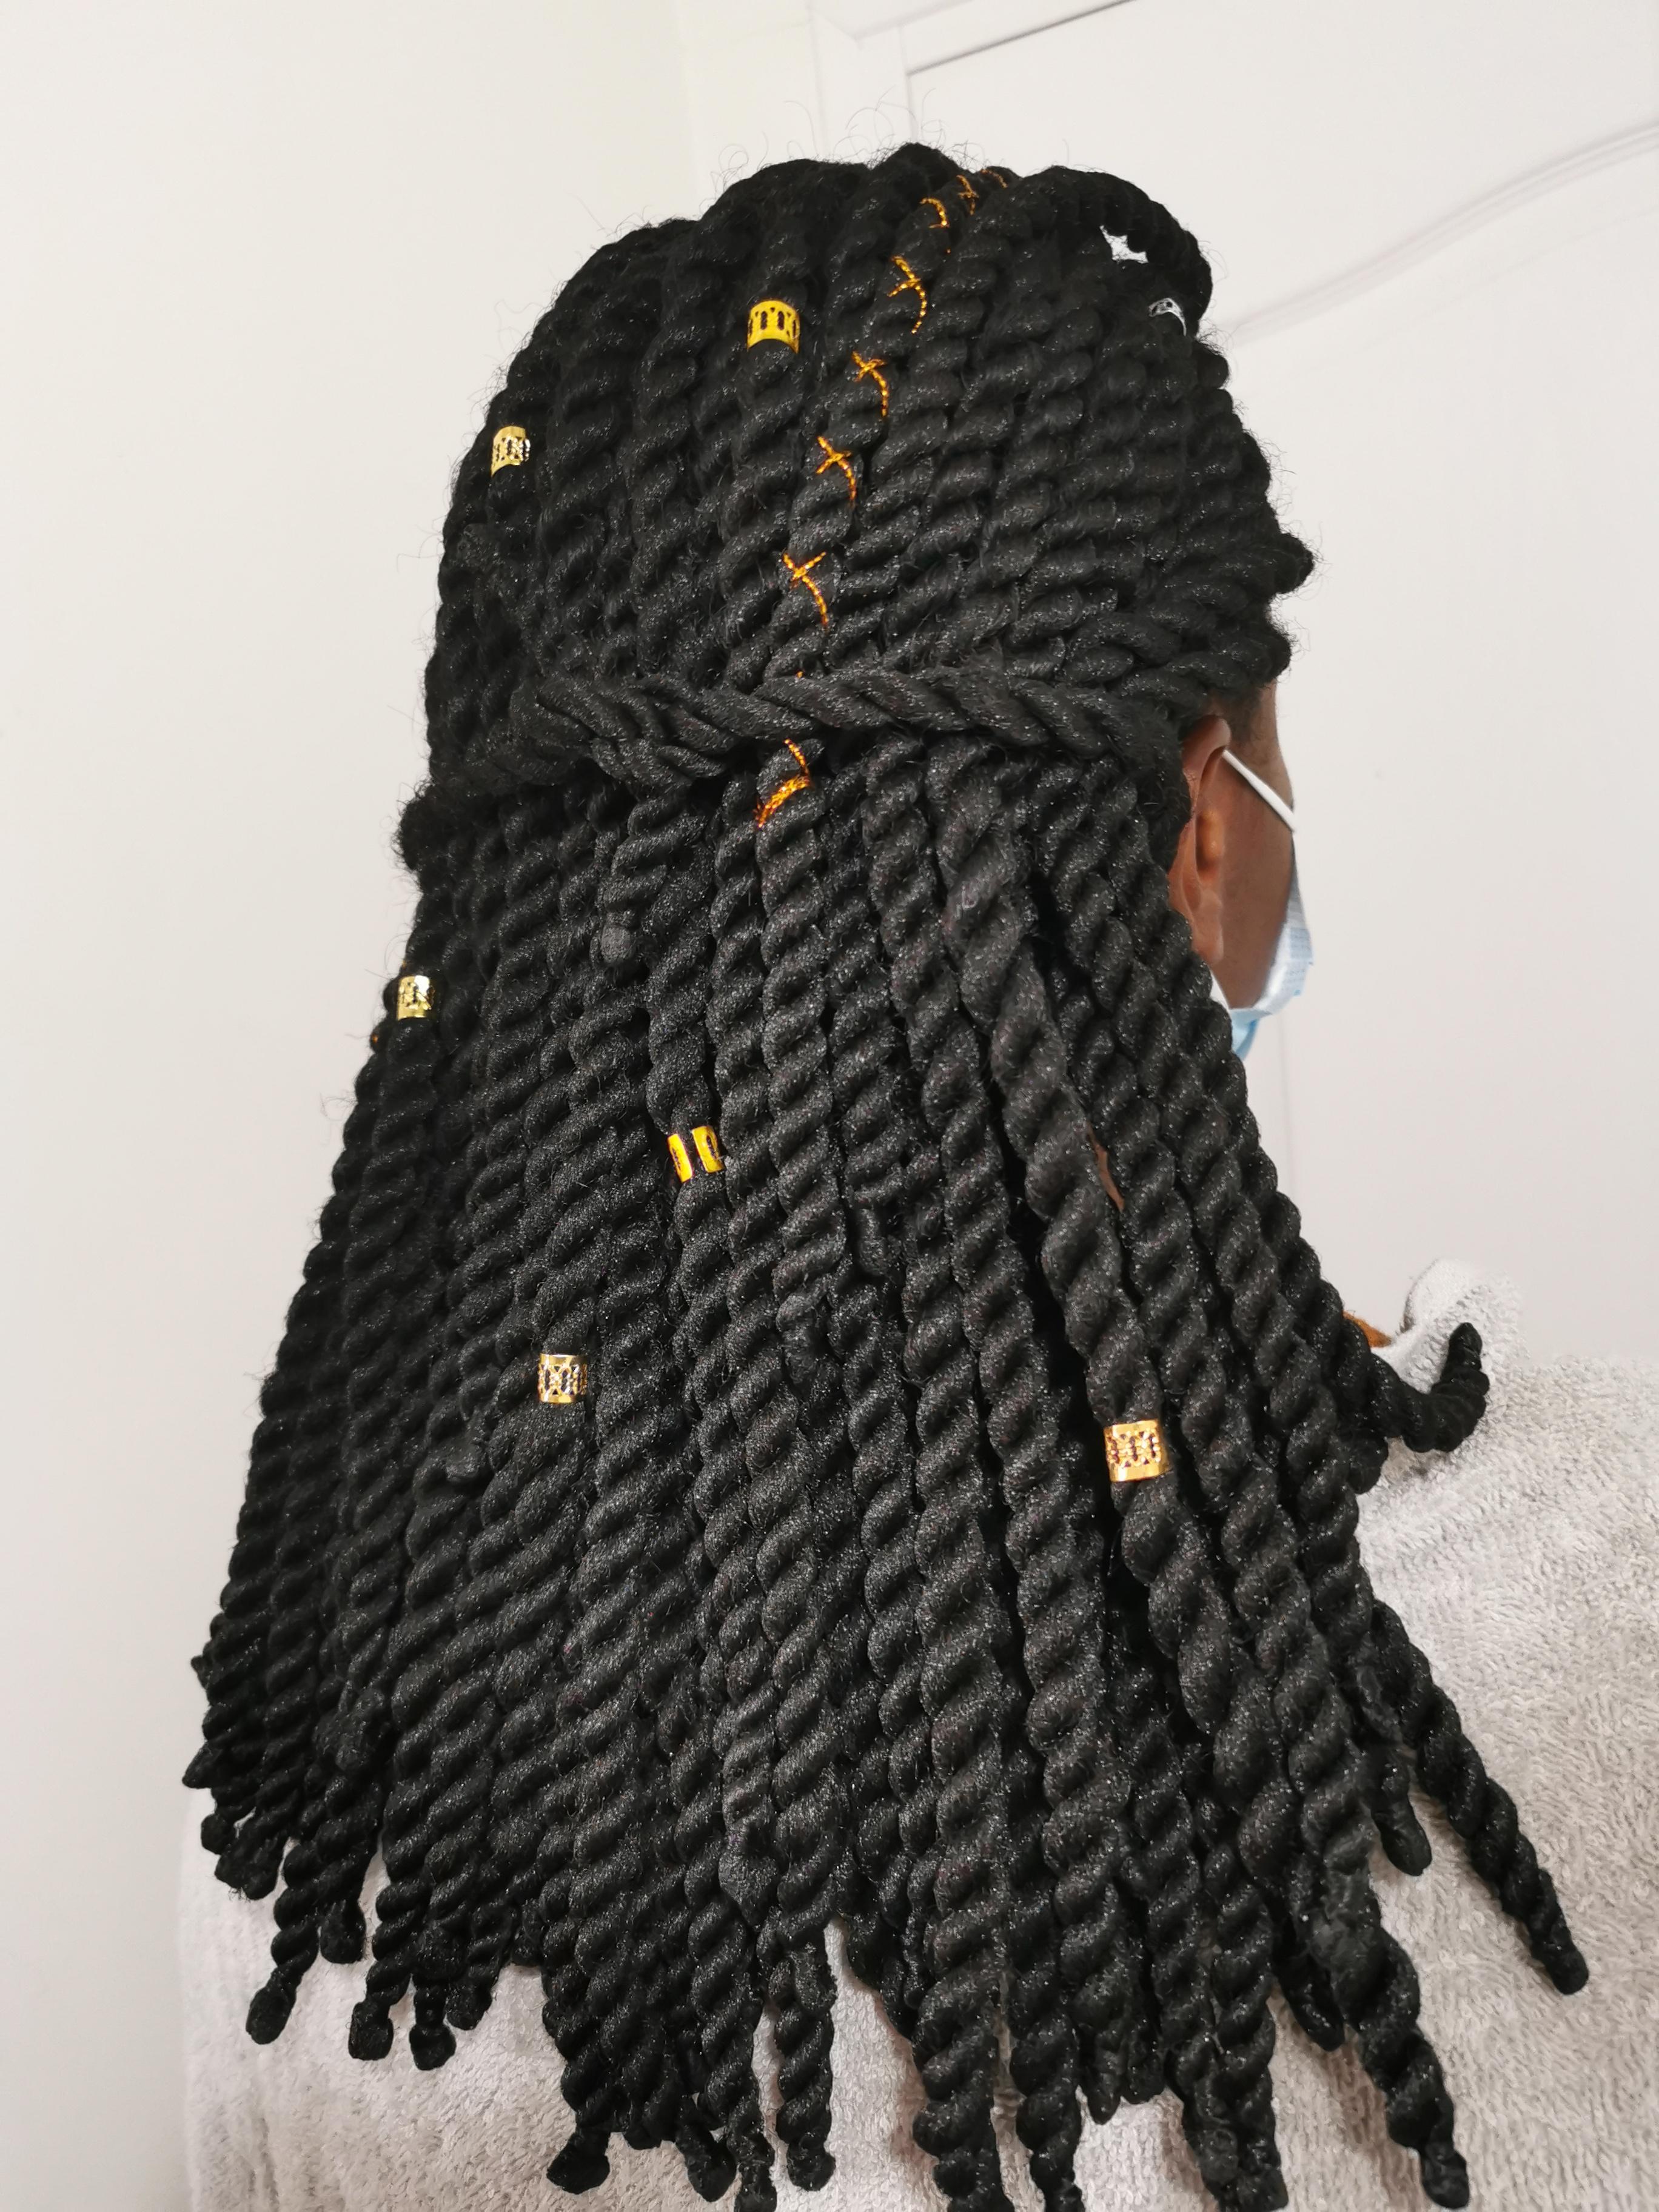 salon de coiffure afro tresse tresses box braids crochet braids vanilles tissages paris 75 77 78 91 92 93 94 95 RZBVADVL